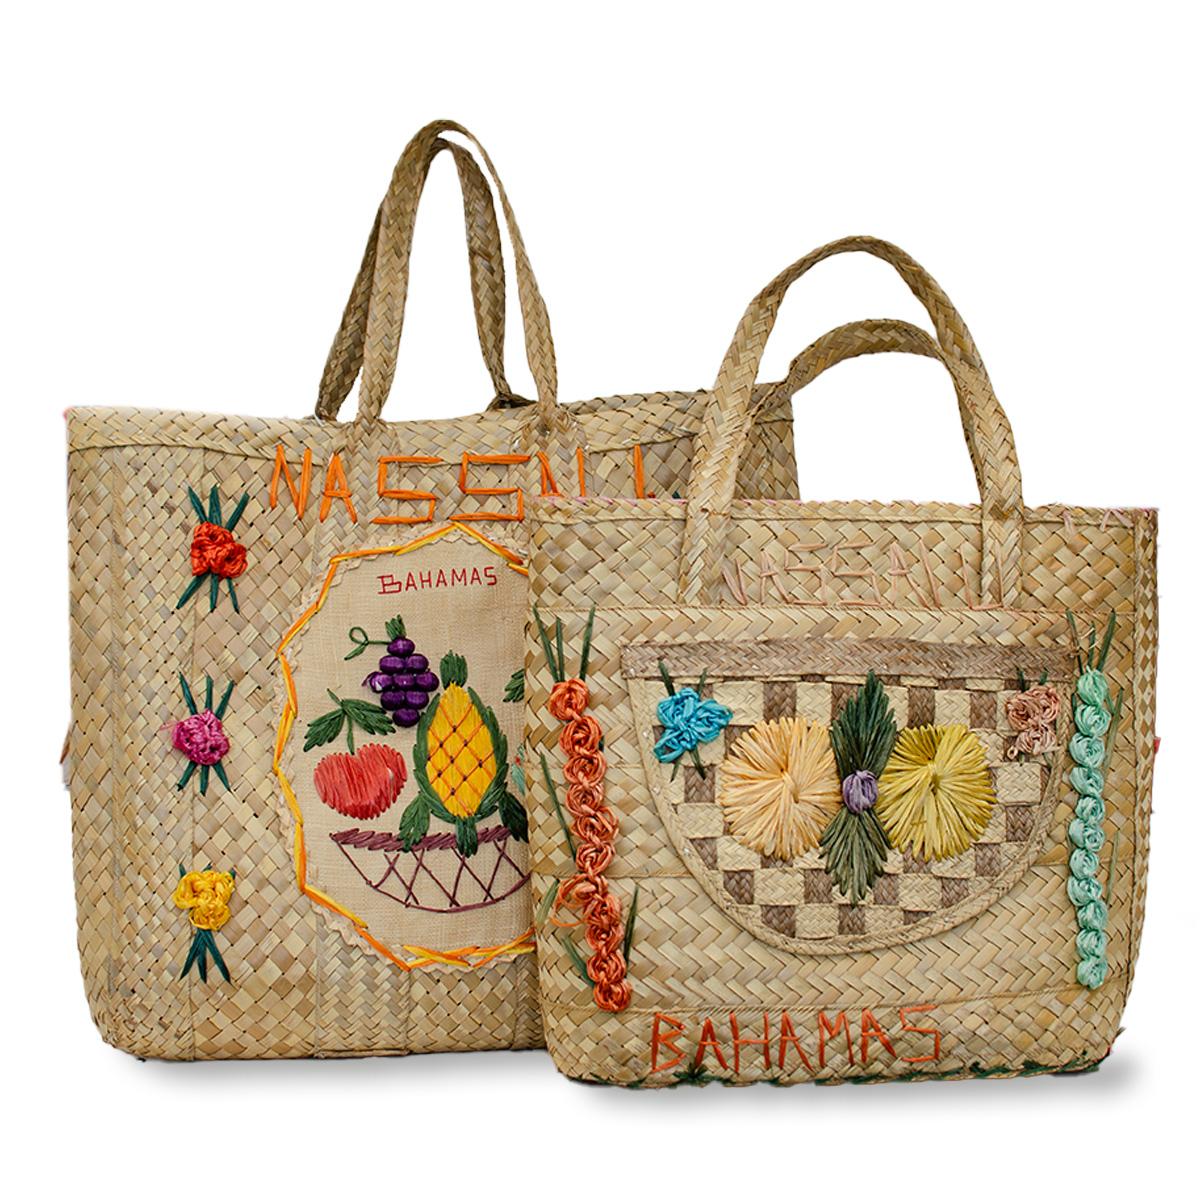 vintage straw tote bags